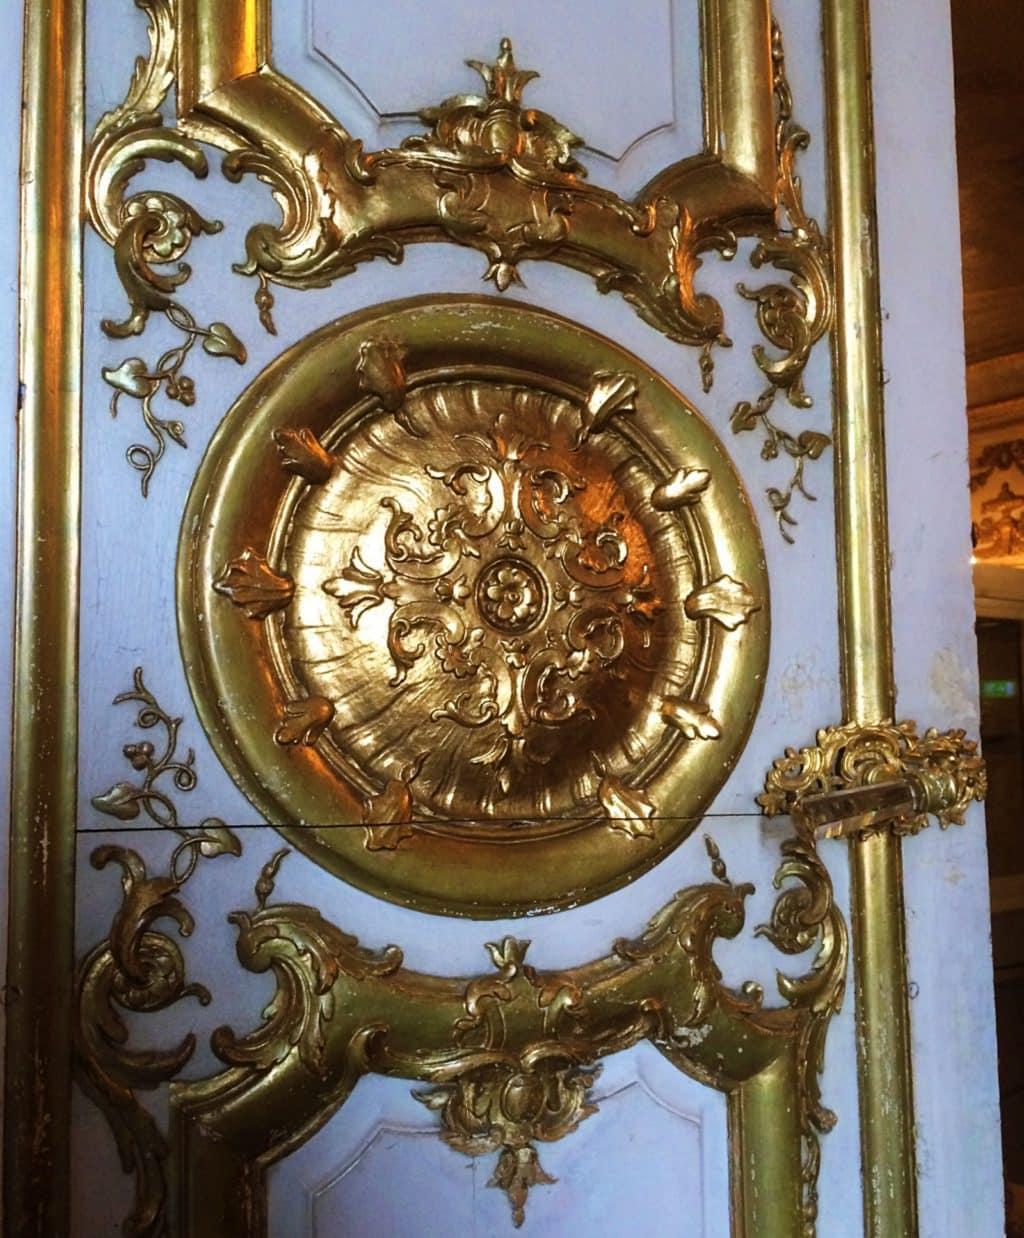 Stockholm Palace Grandeur